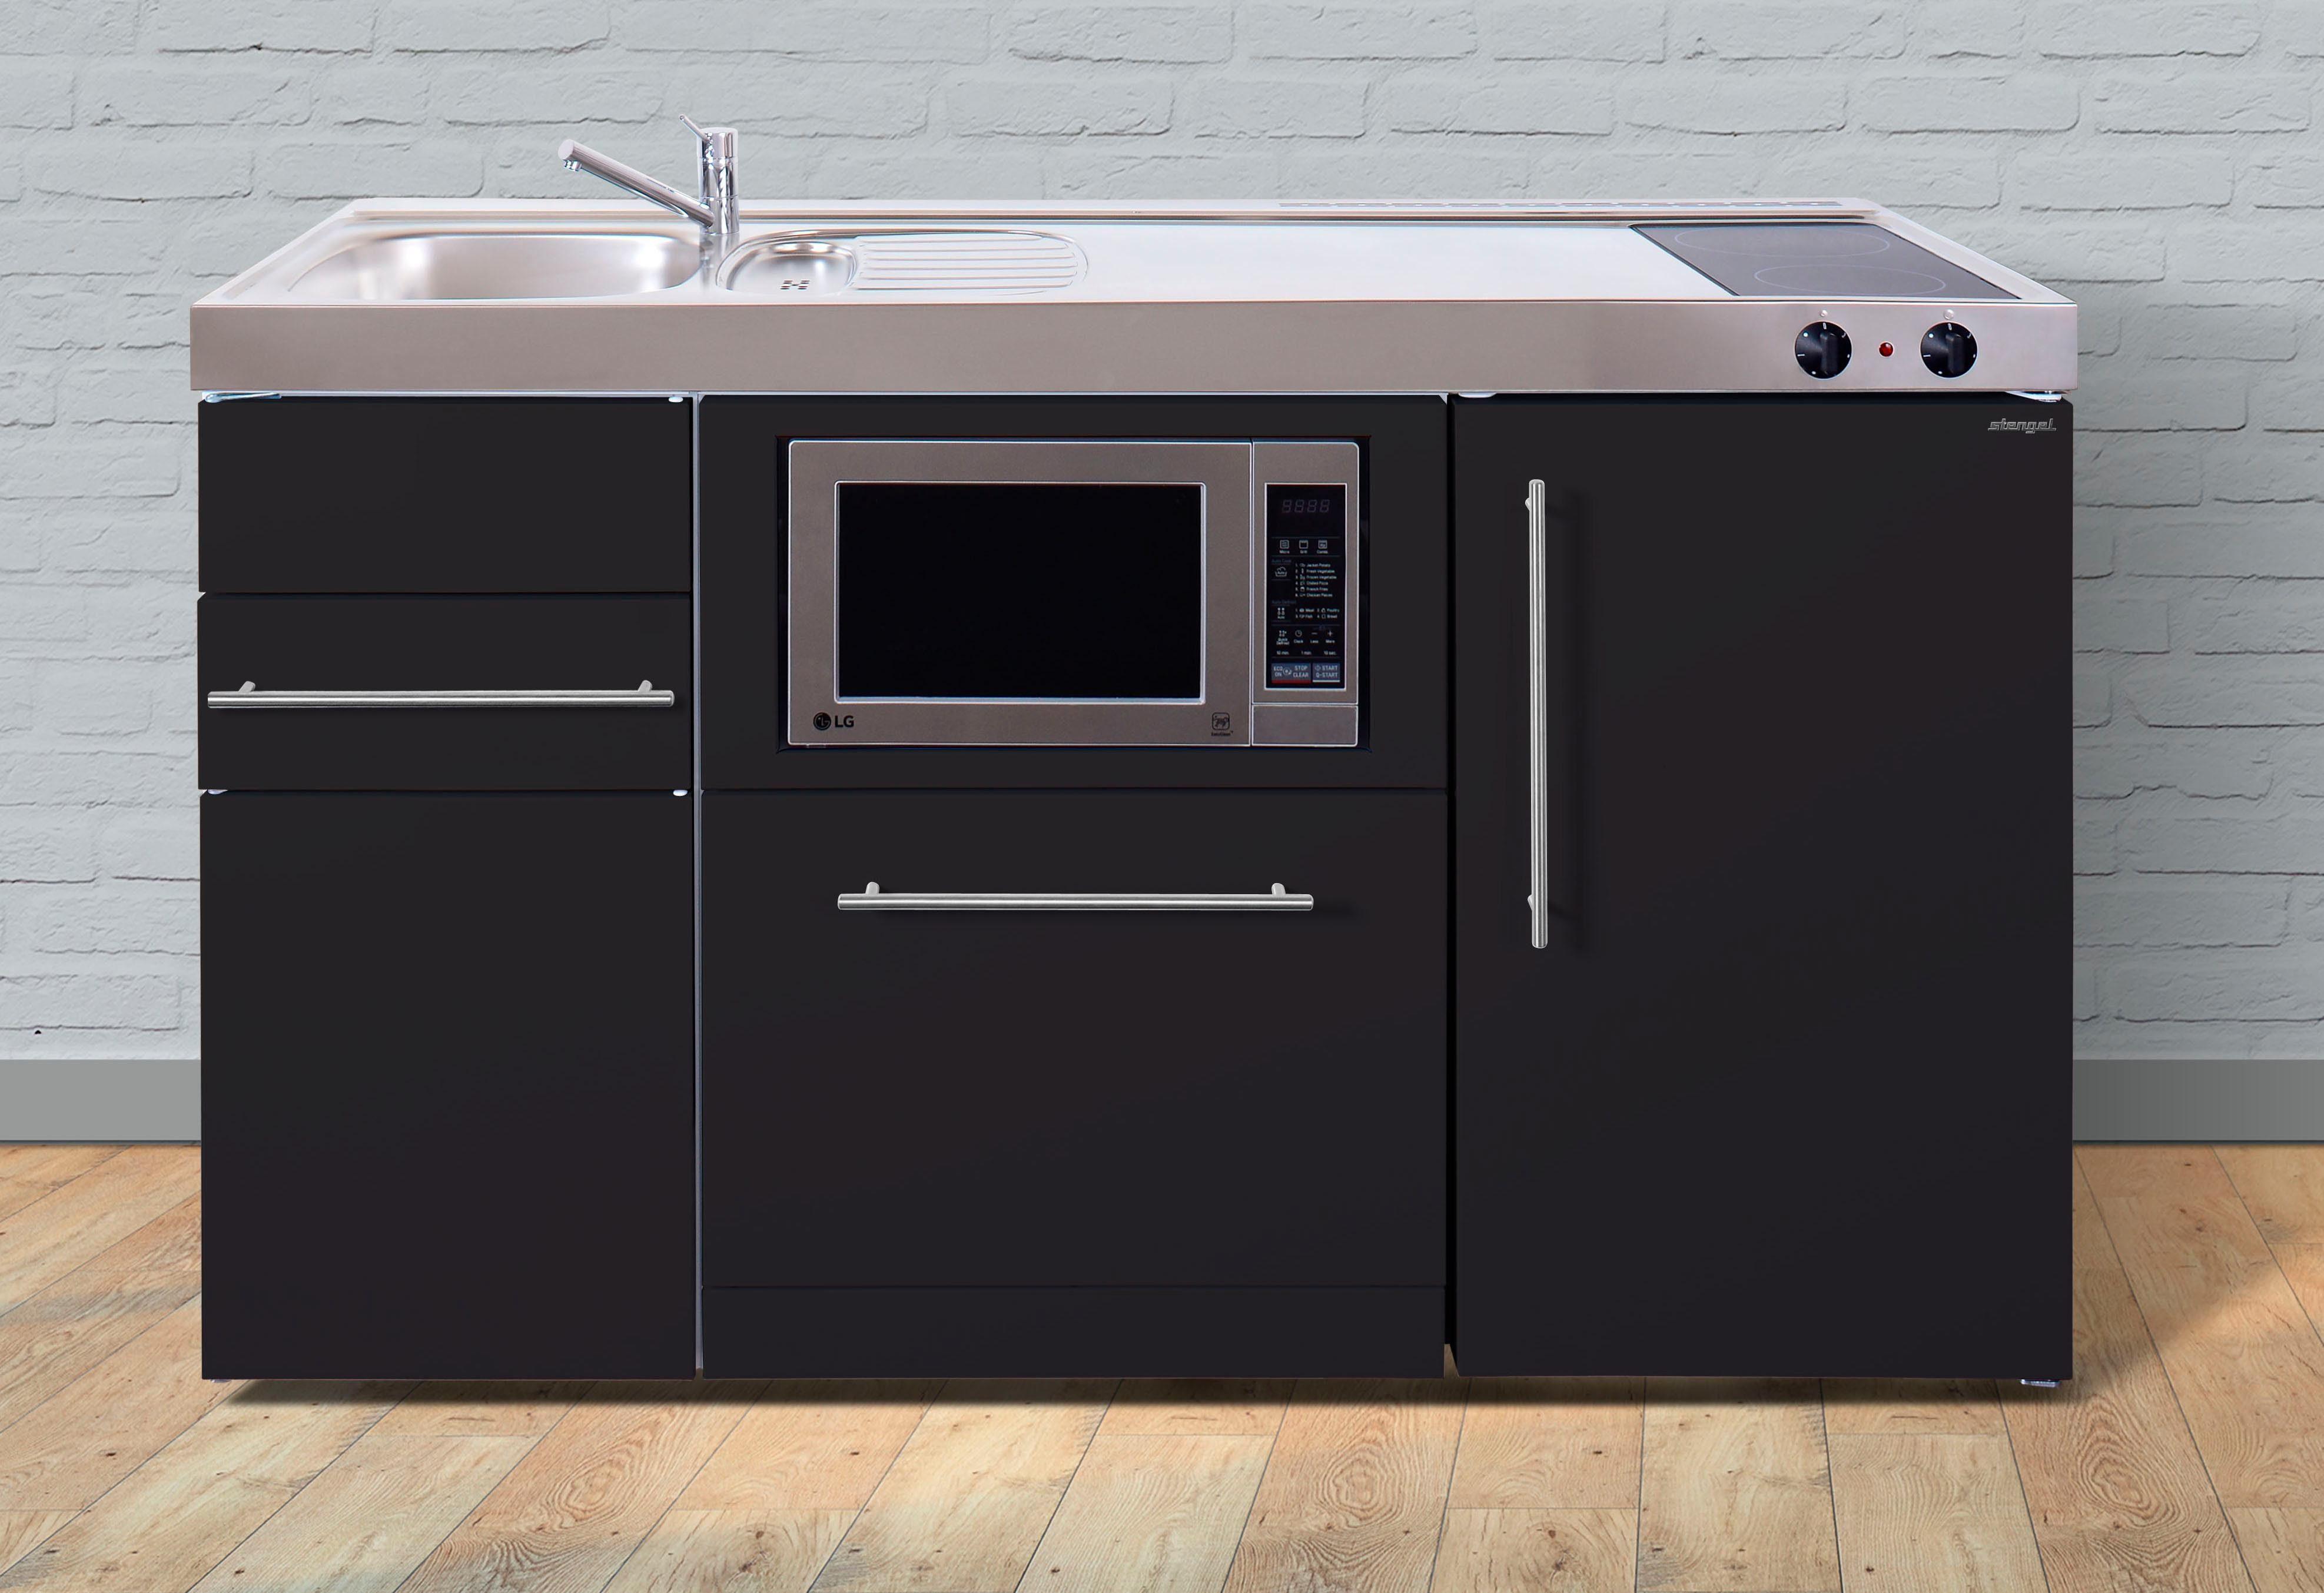 Miniküche Mit Backofen Und Kühlschrank : Singleküche mit backofen luxus singleküche mit backofen und